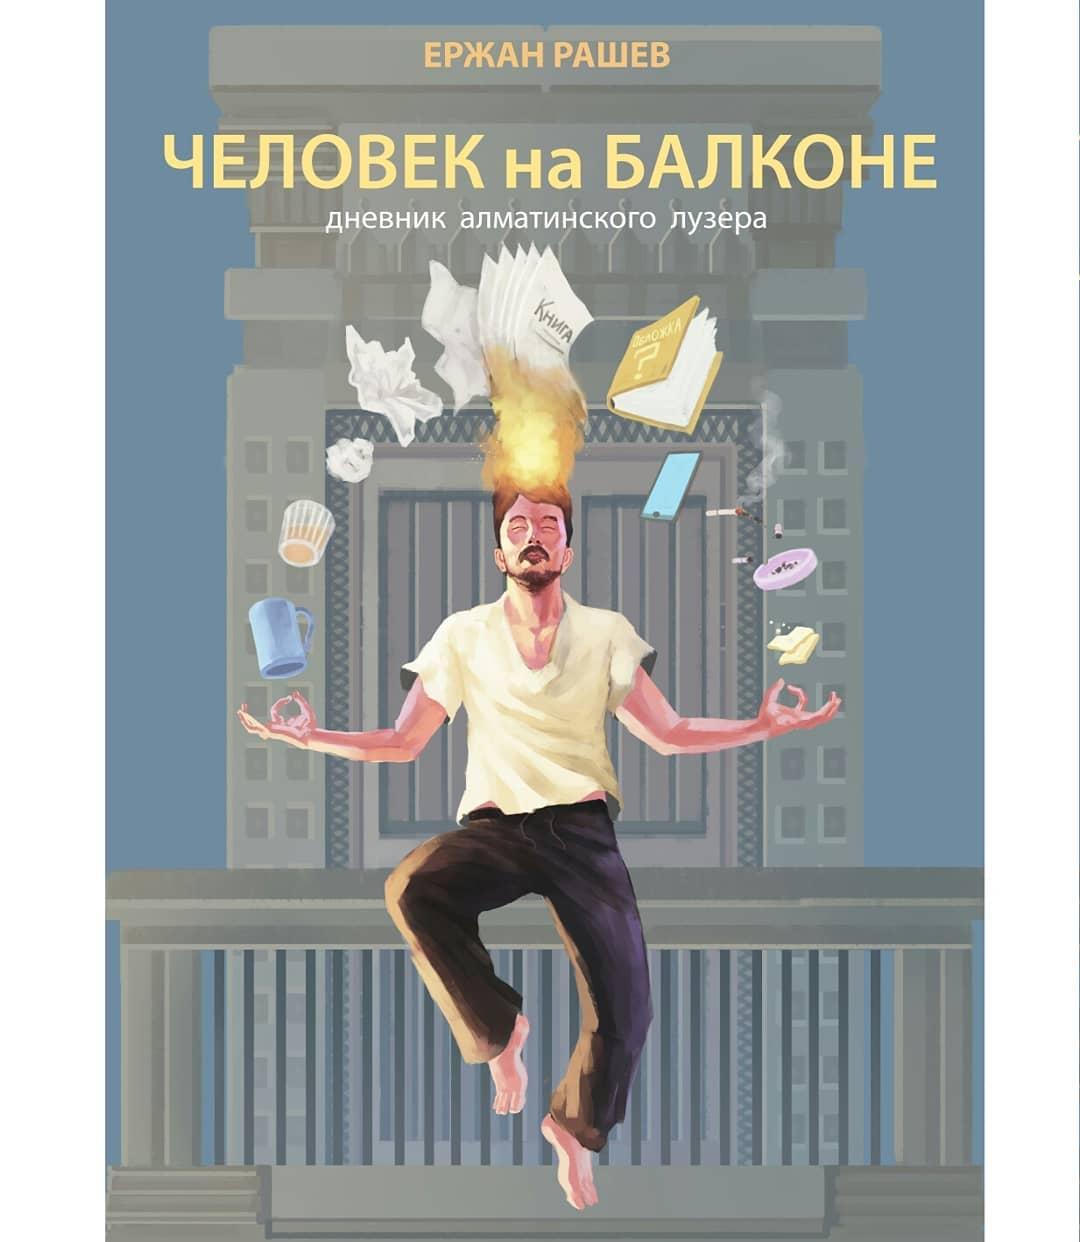 Человек на балконе. Ержан Рашев